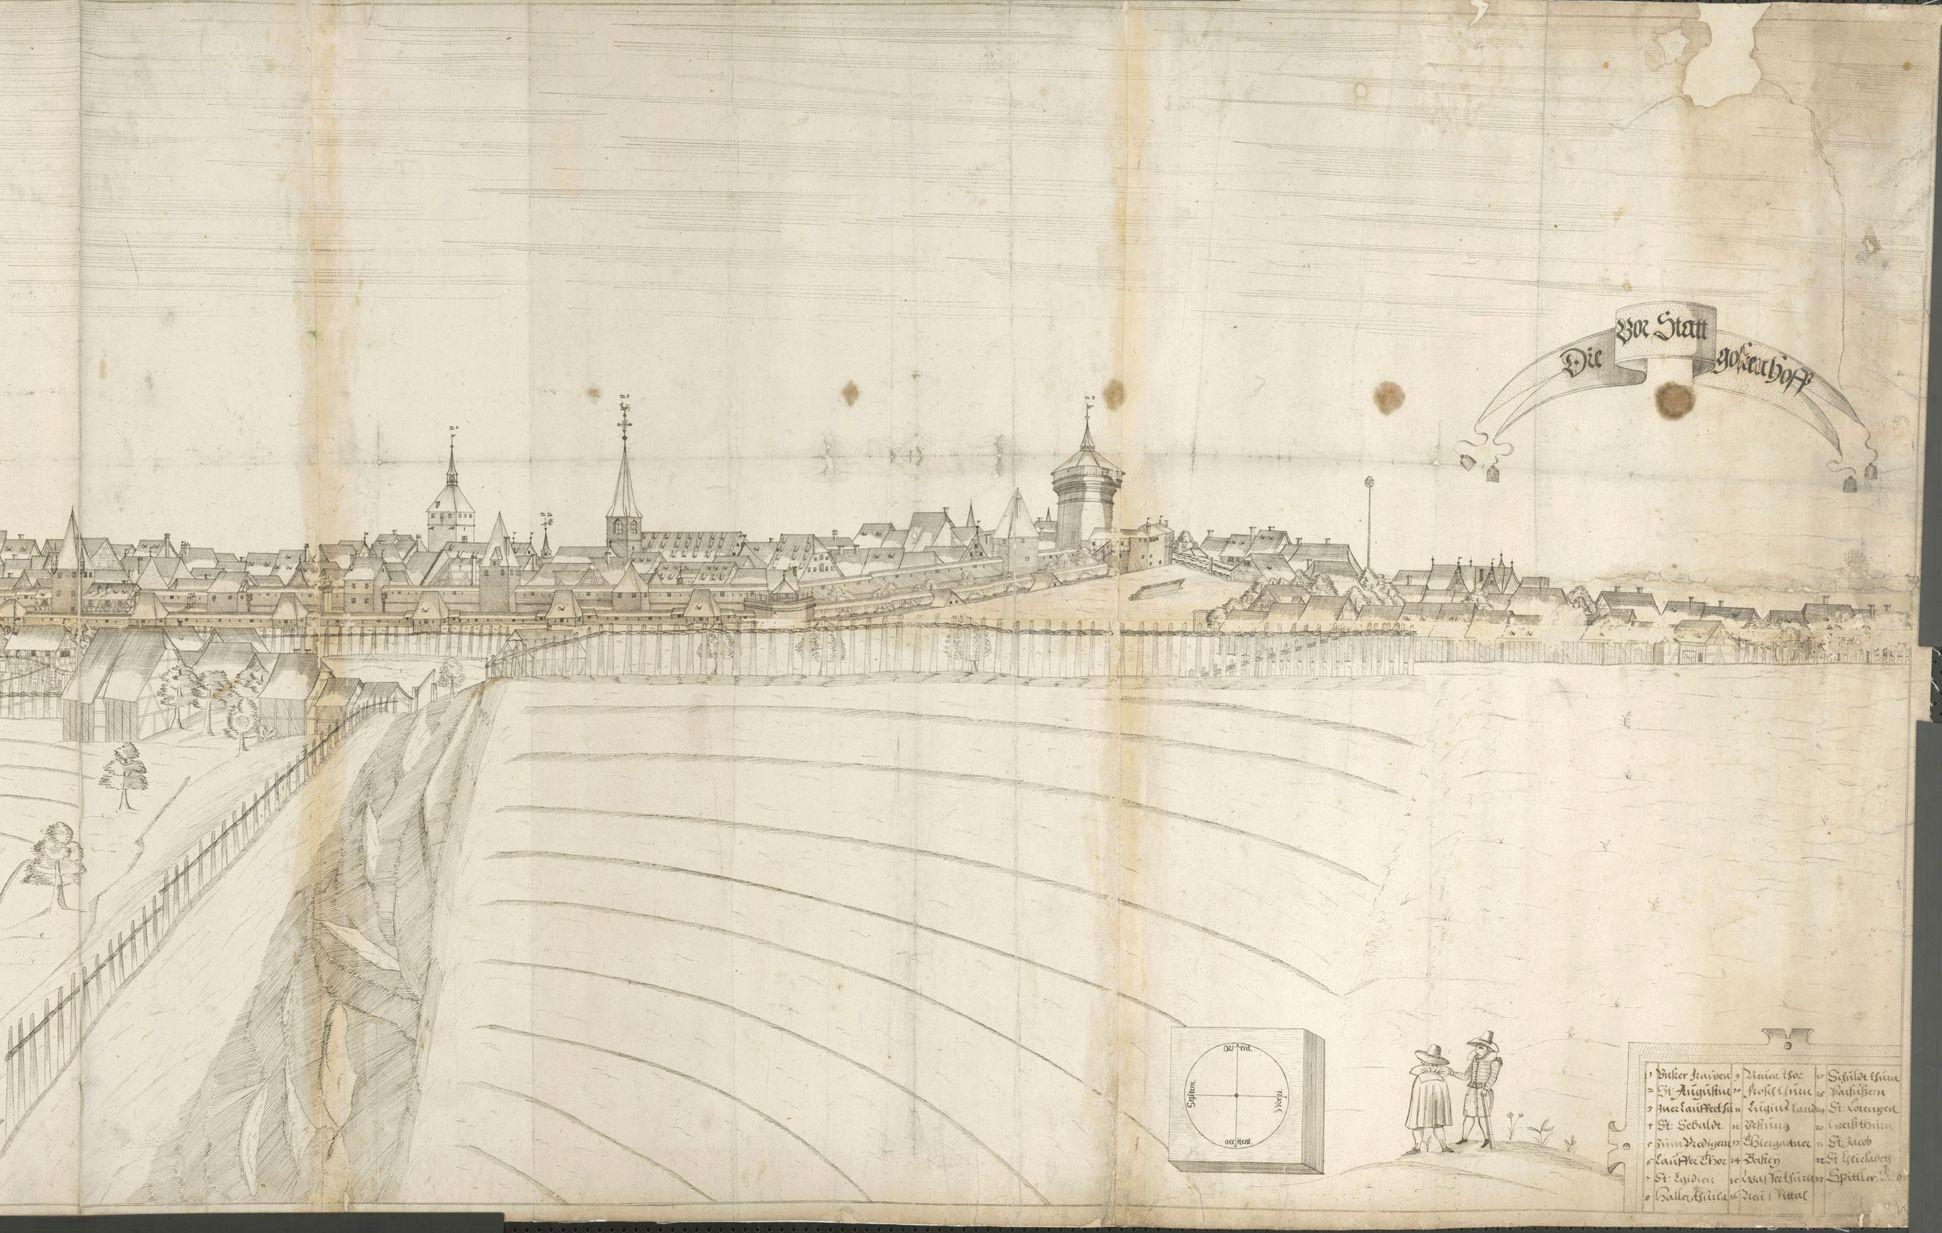 Panoramadarstellung der Stadt Nürnberg von Westen rechtes Drittel (vom Turm Roten Z bis Gostenhof)